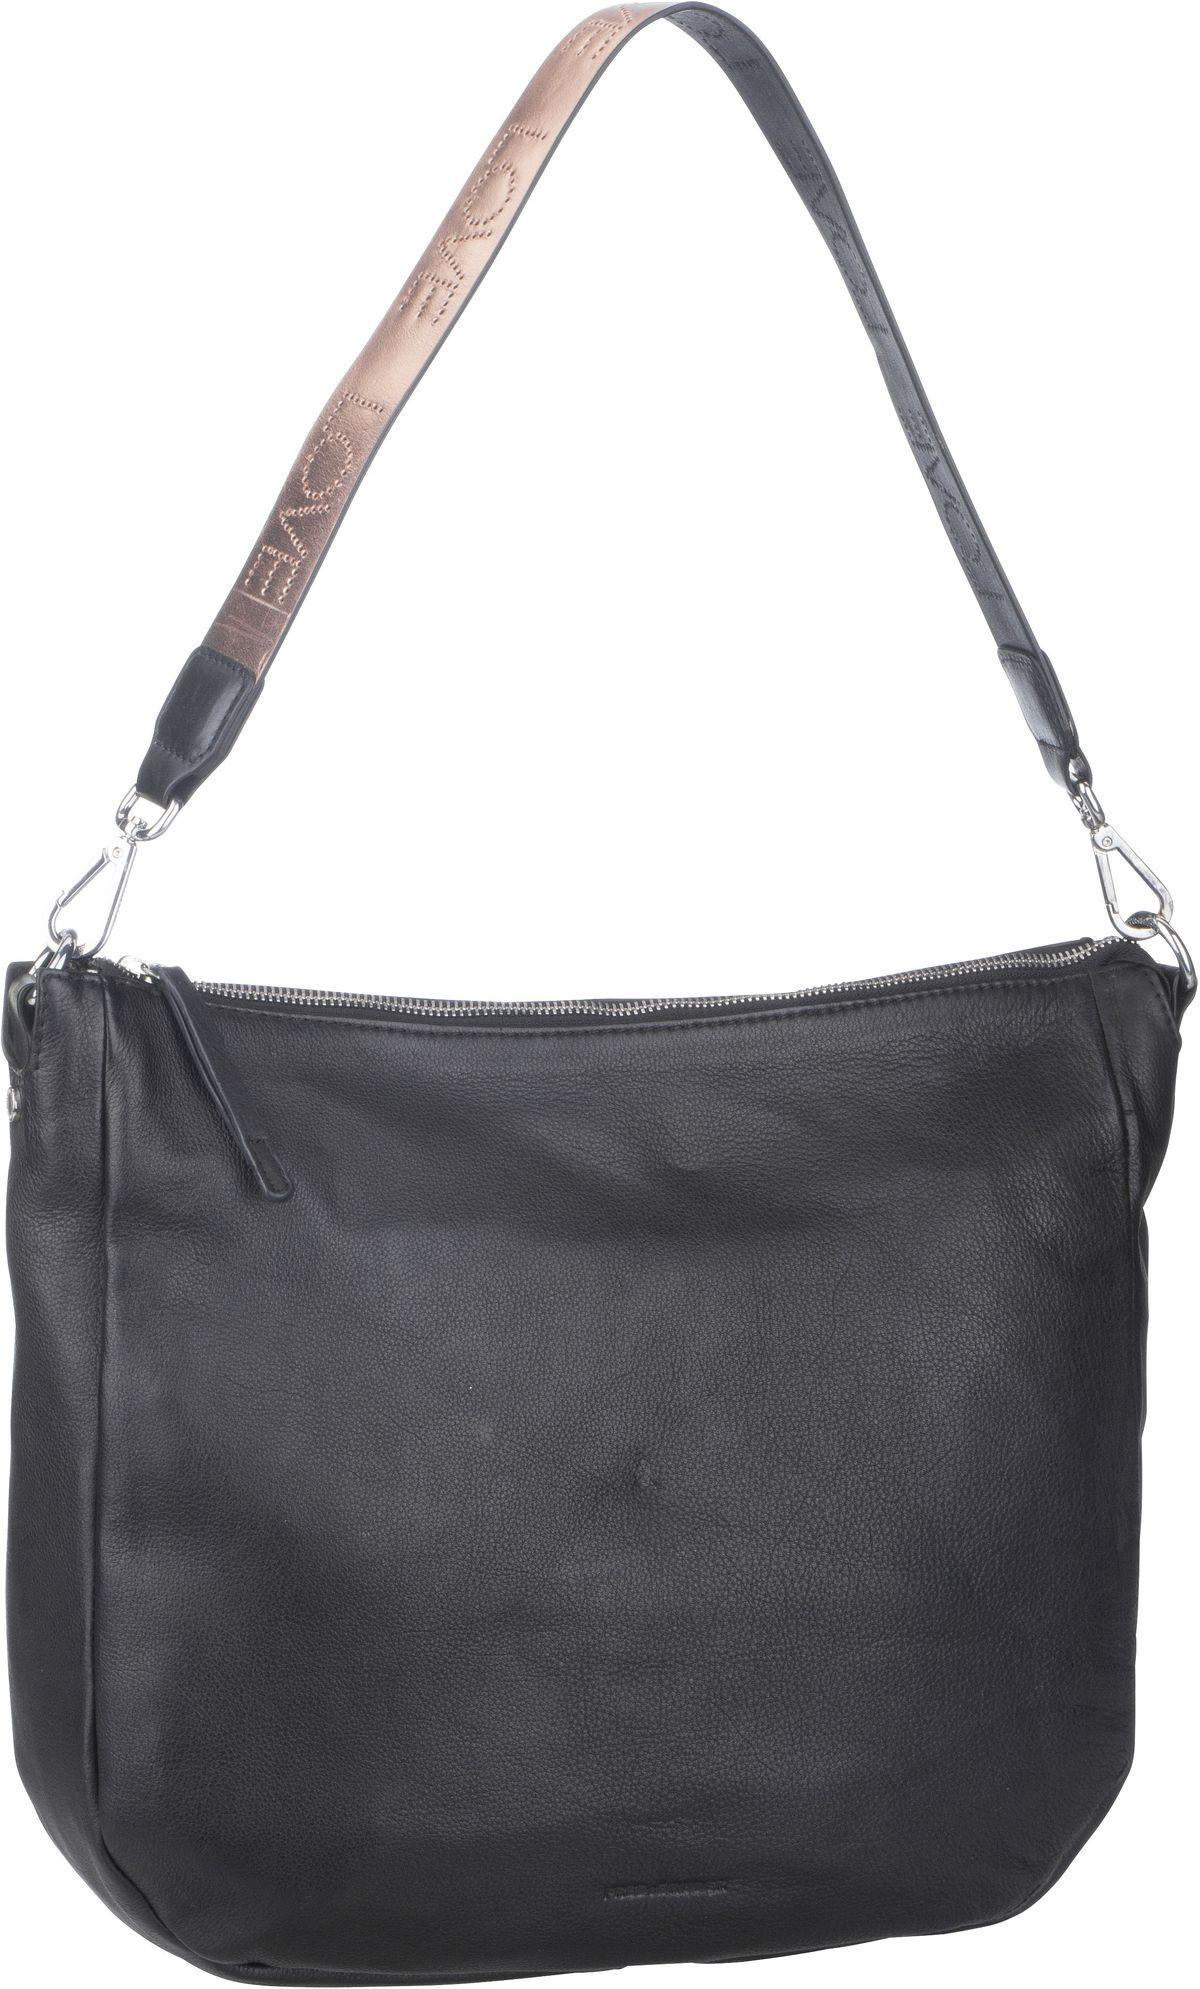 Handtasche Love Tie Black